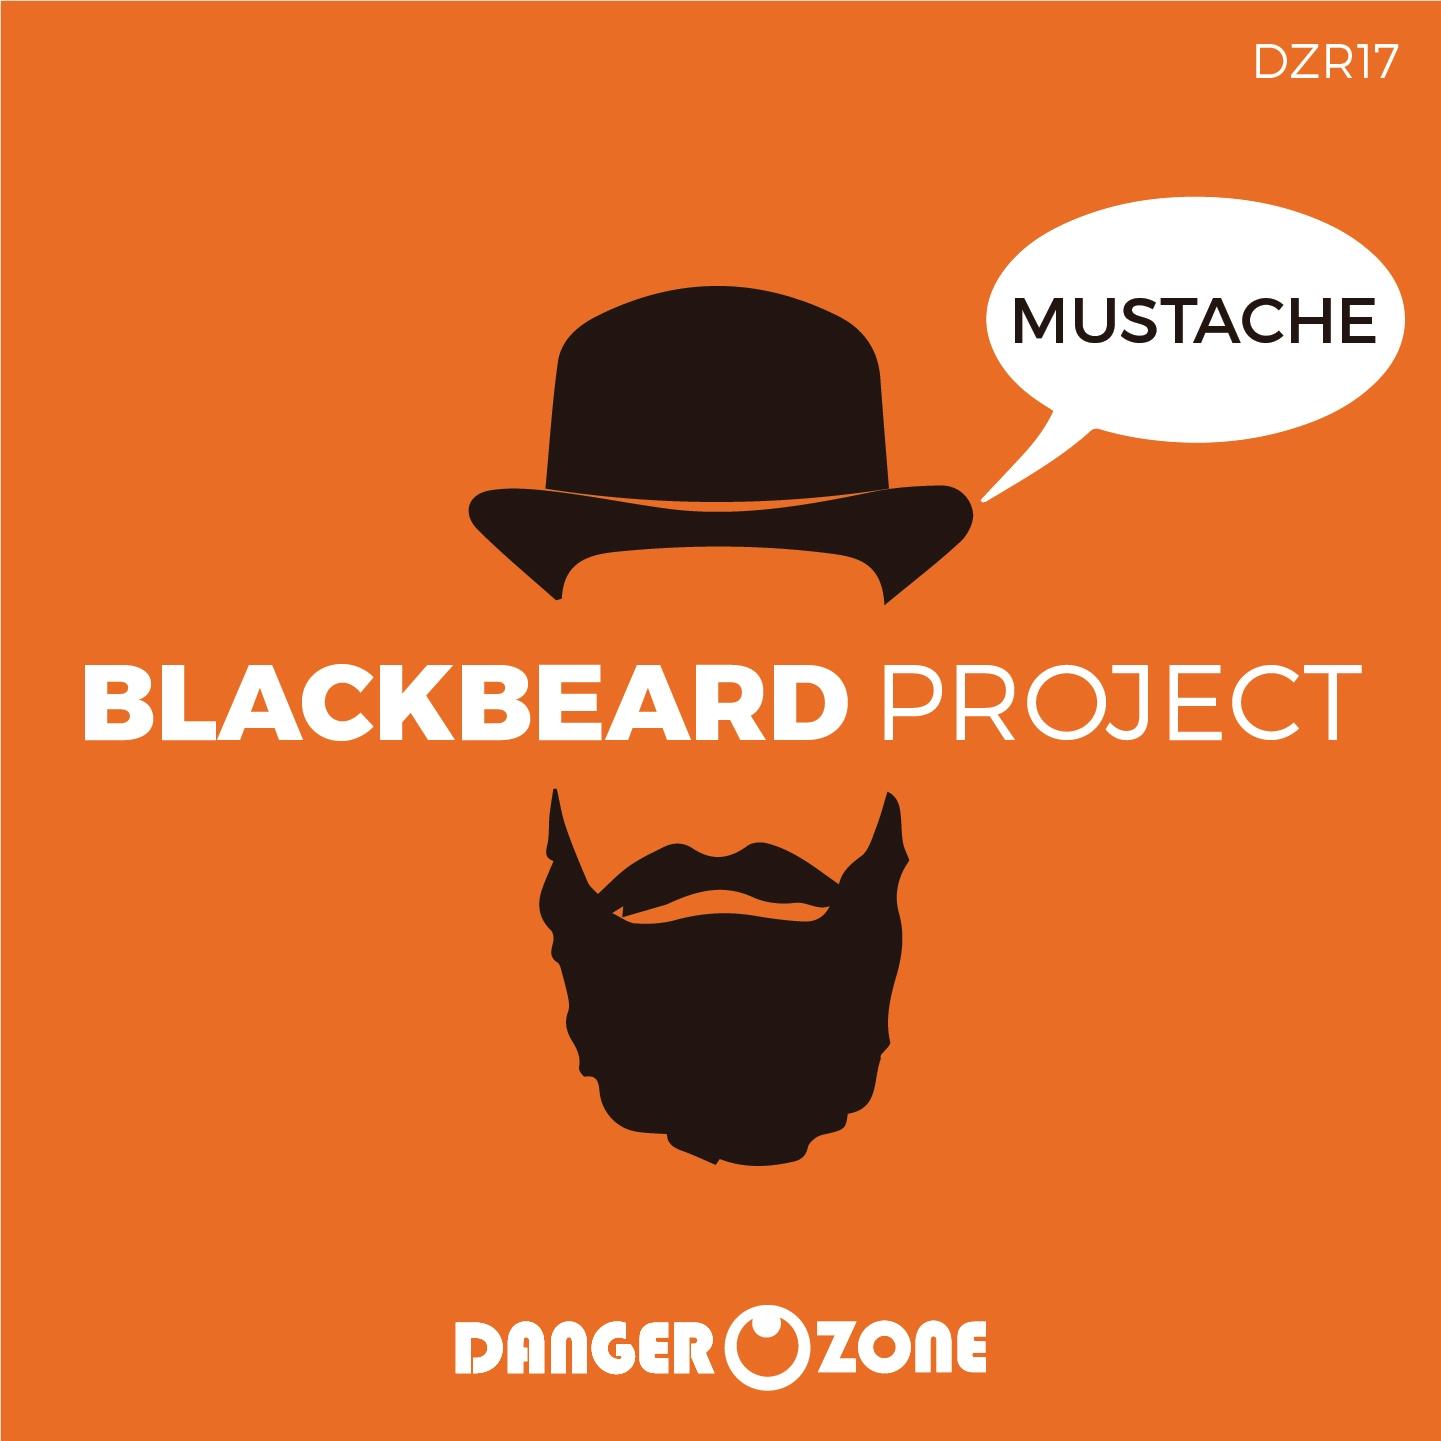 blackbeard_project_mustache